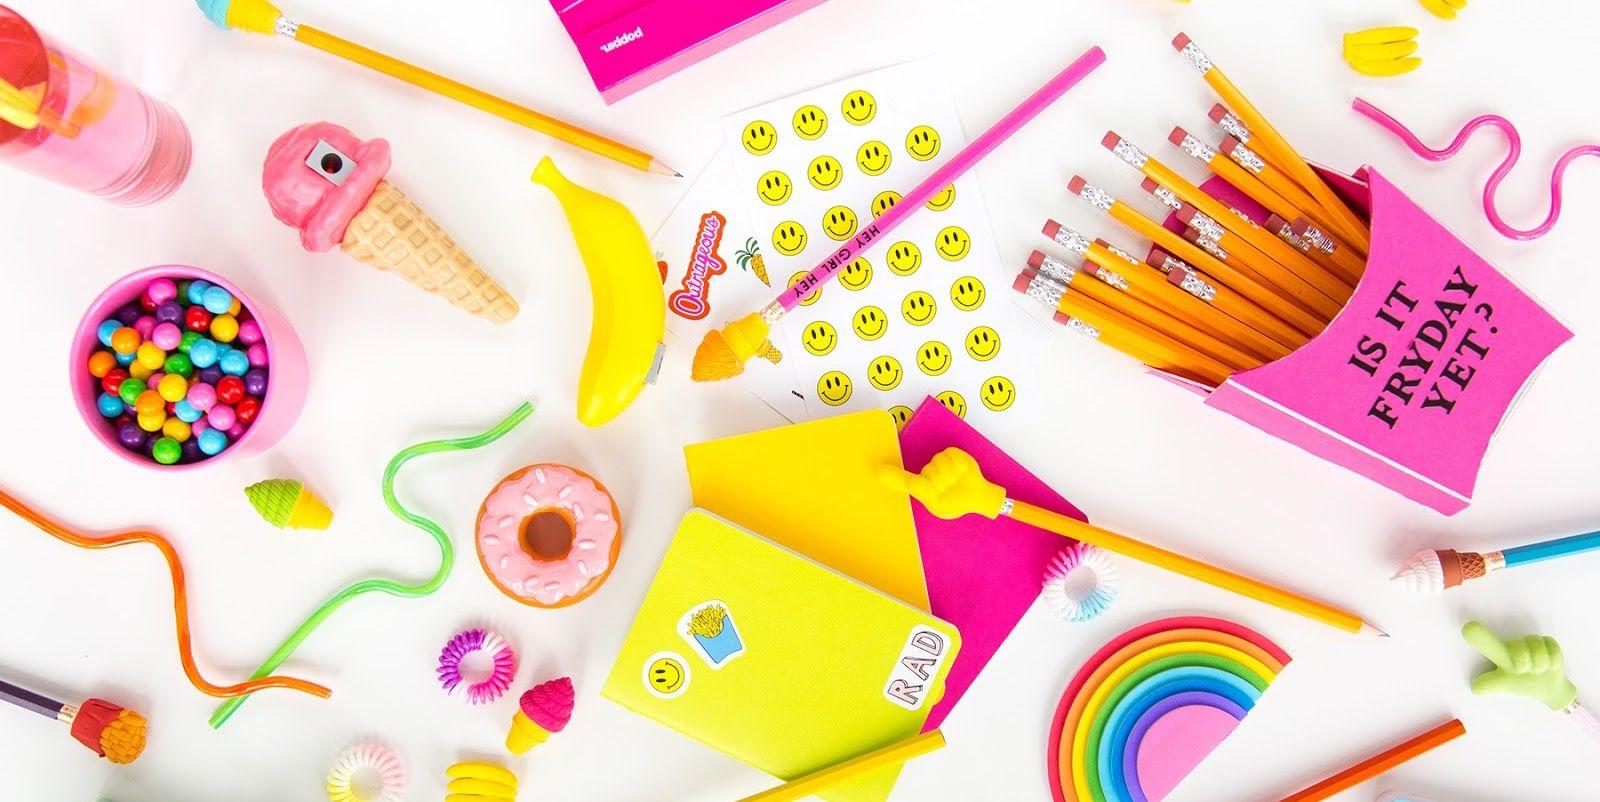 10 Best Diy School Supply Ideas In 2018 How To Diy School Supplies